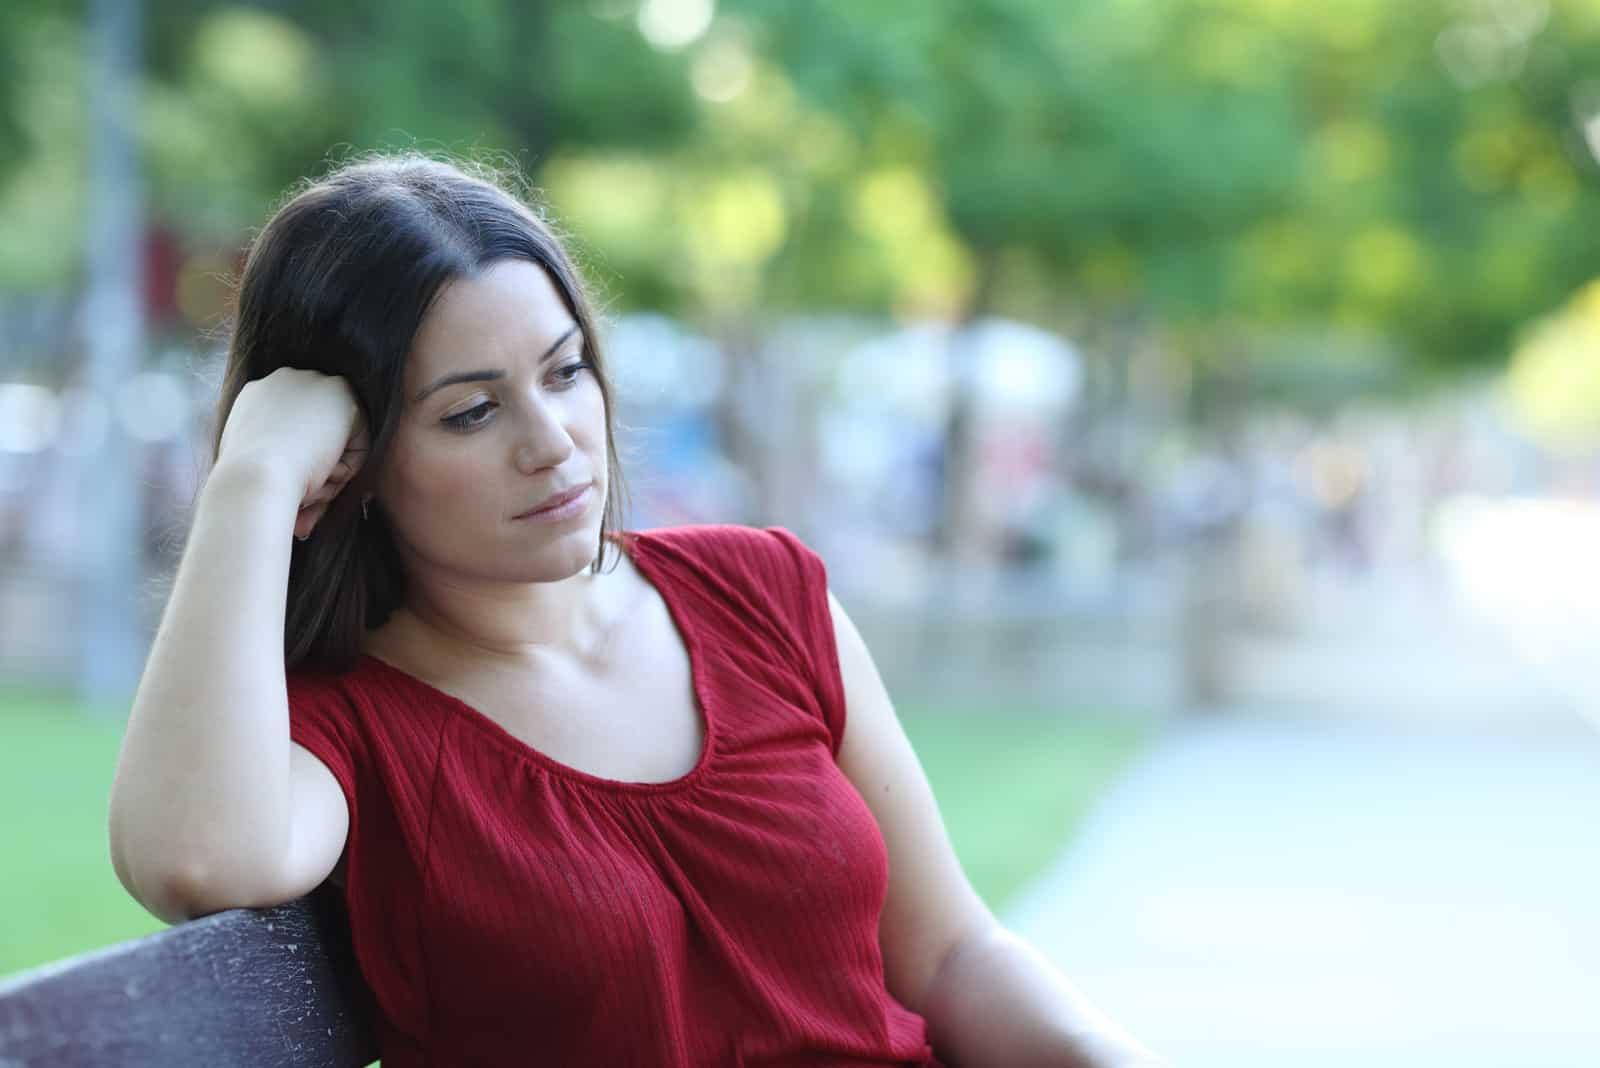 une femme imaginaire assise sur une chaise